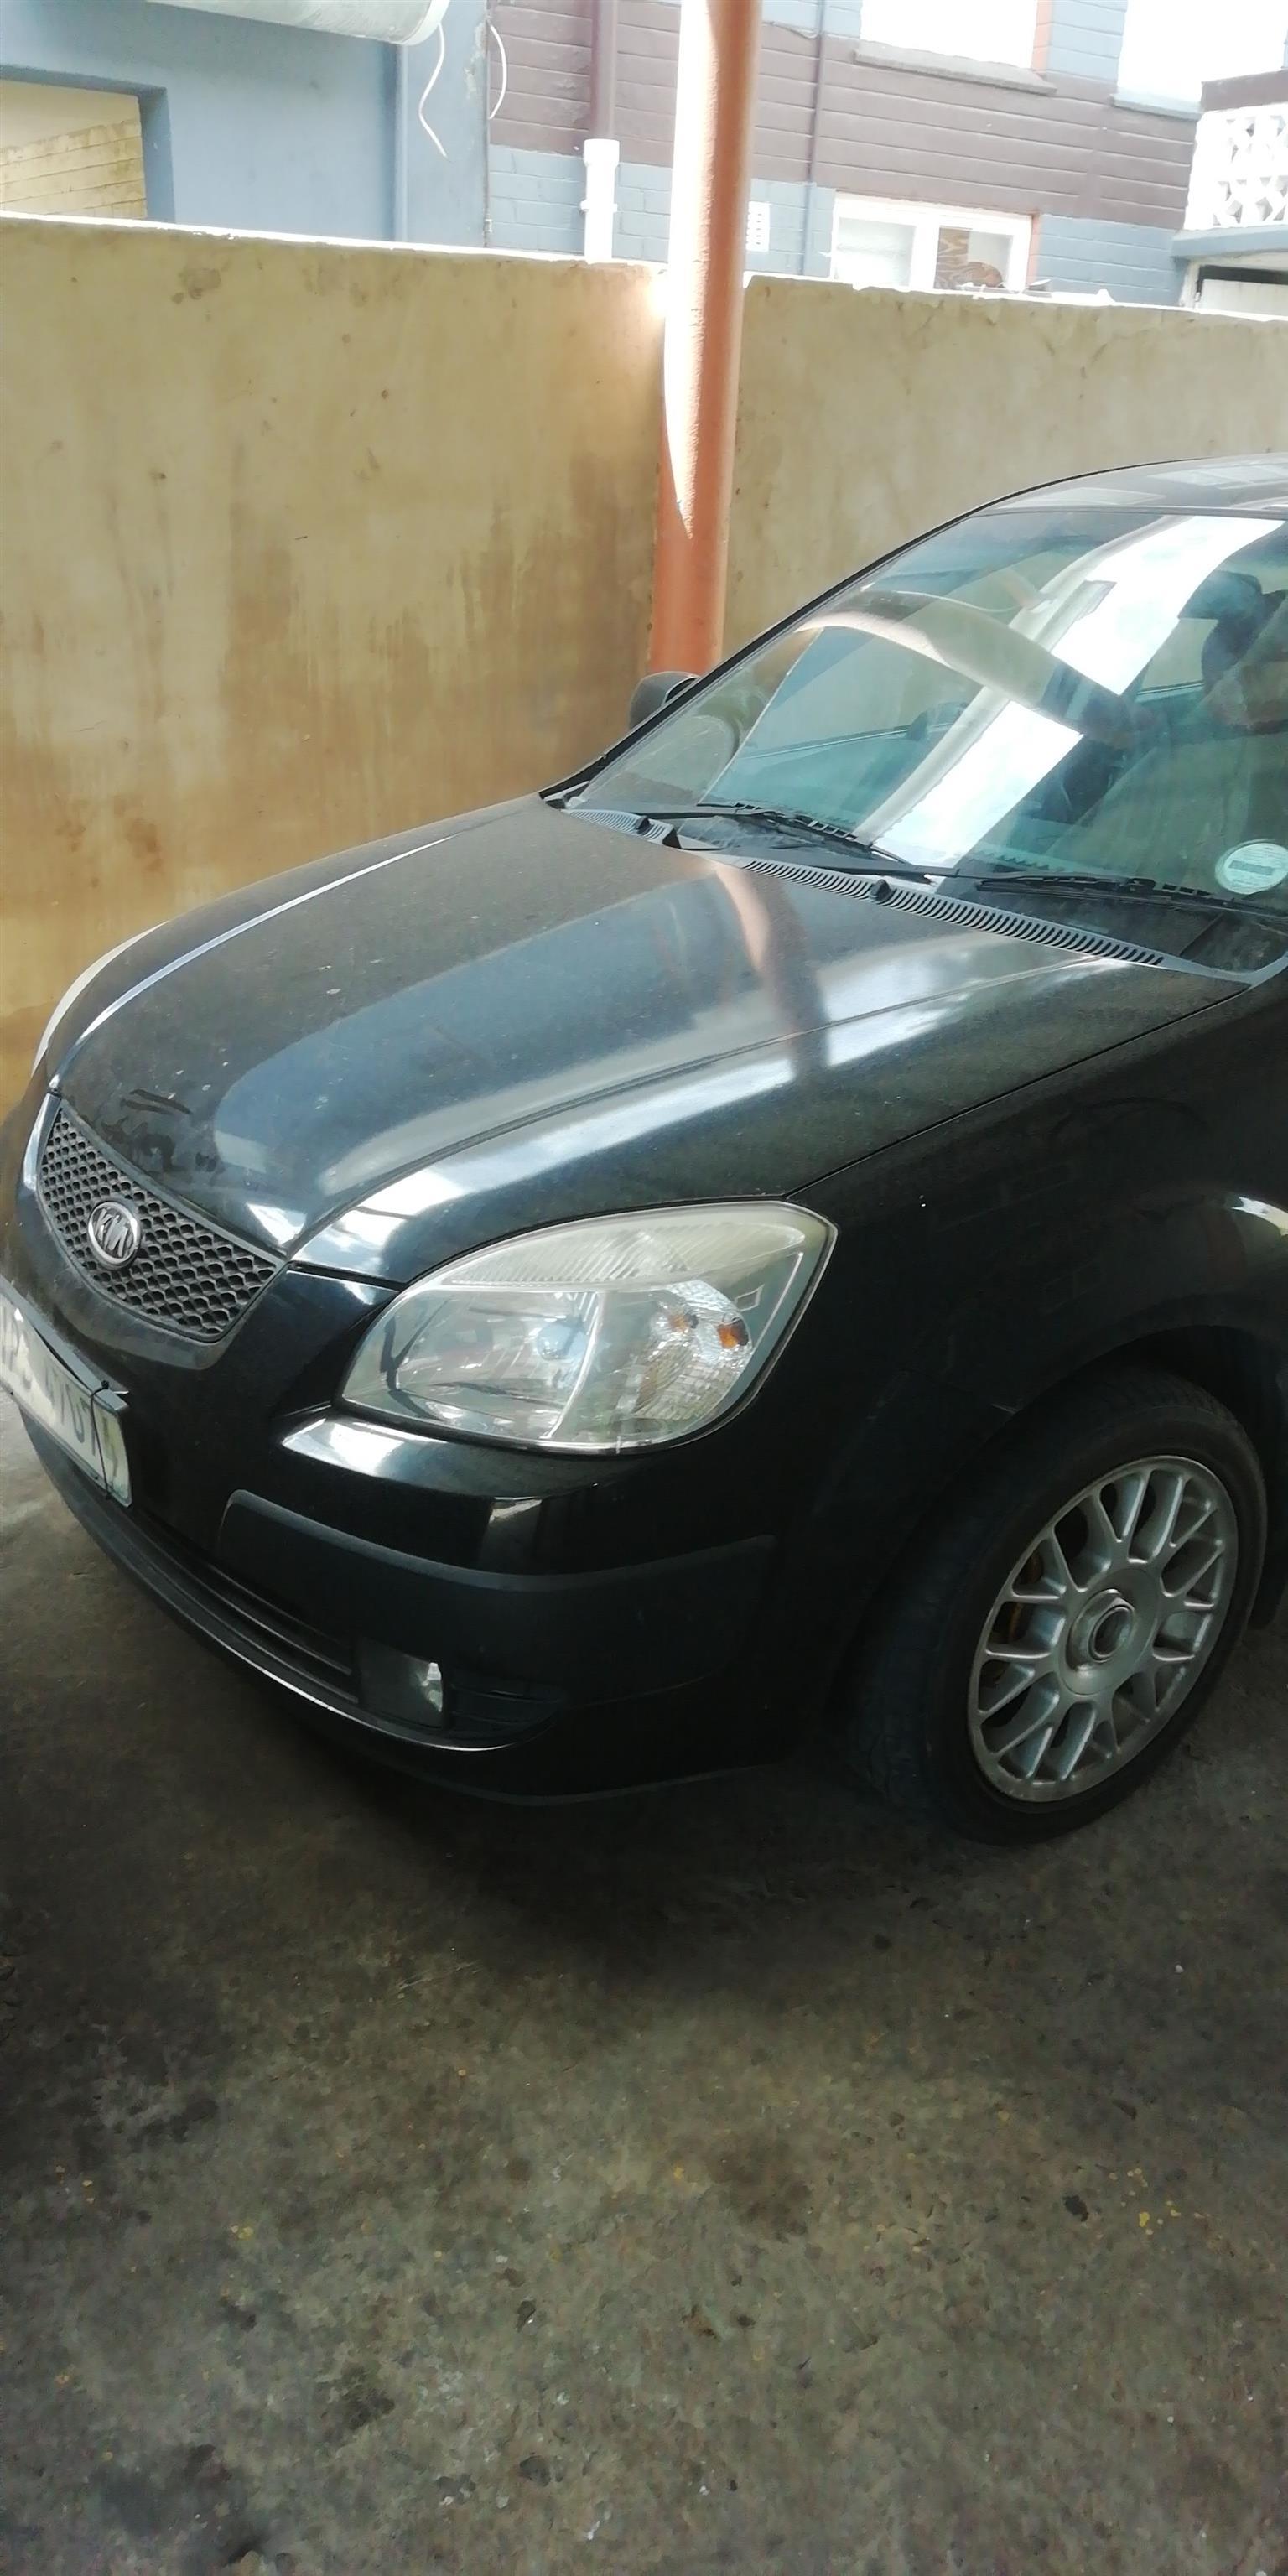 2007 Kia Rio 1.4 4 door